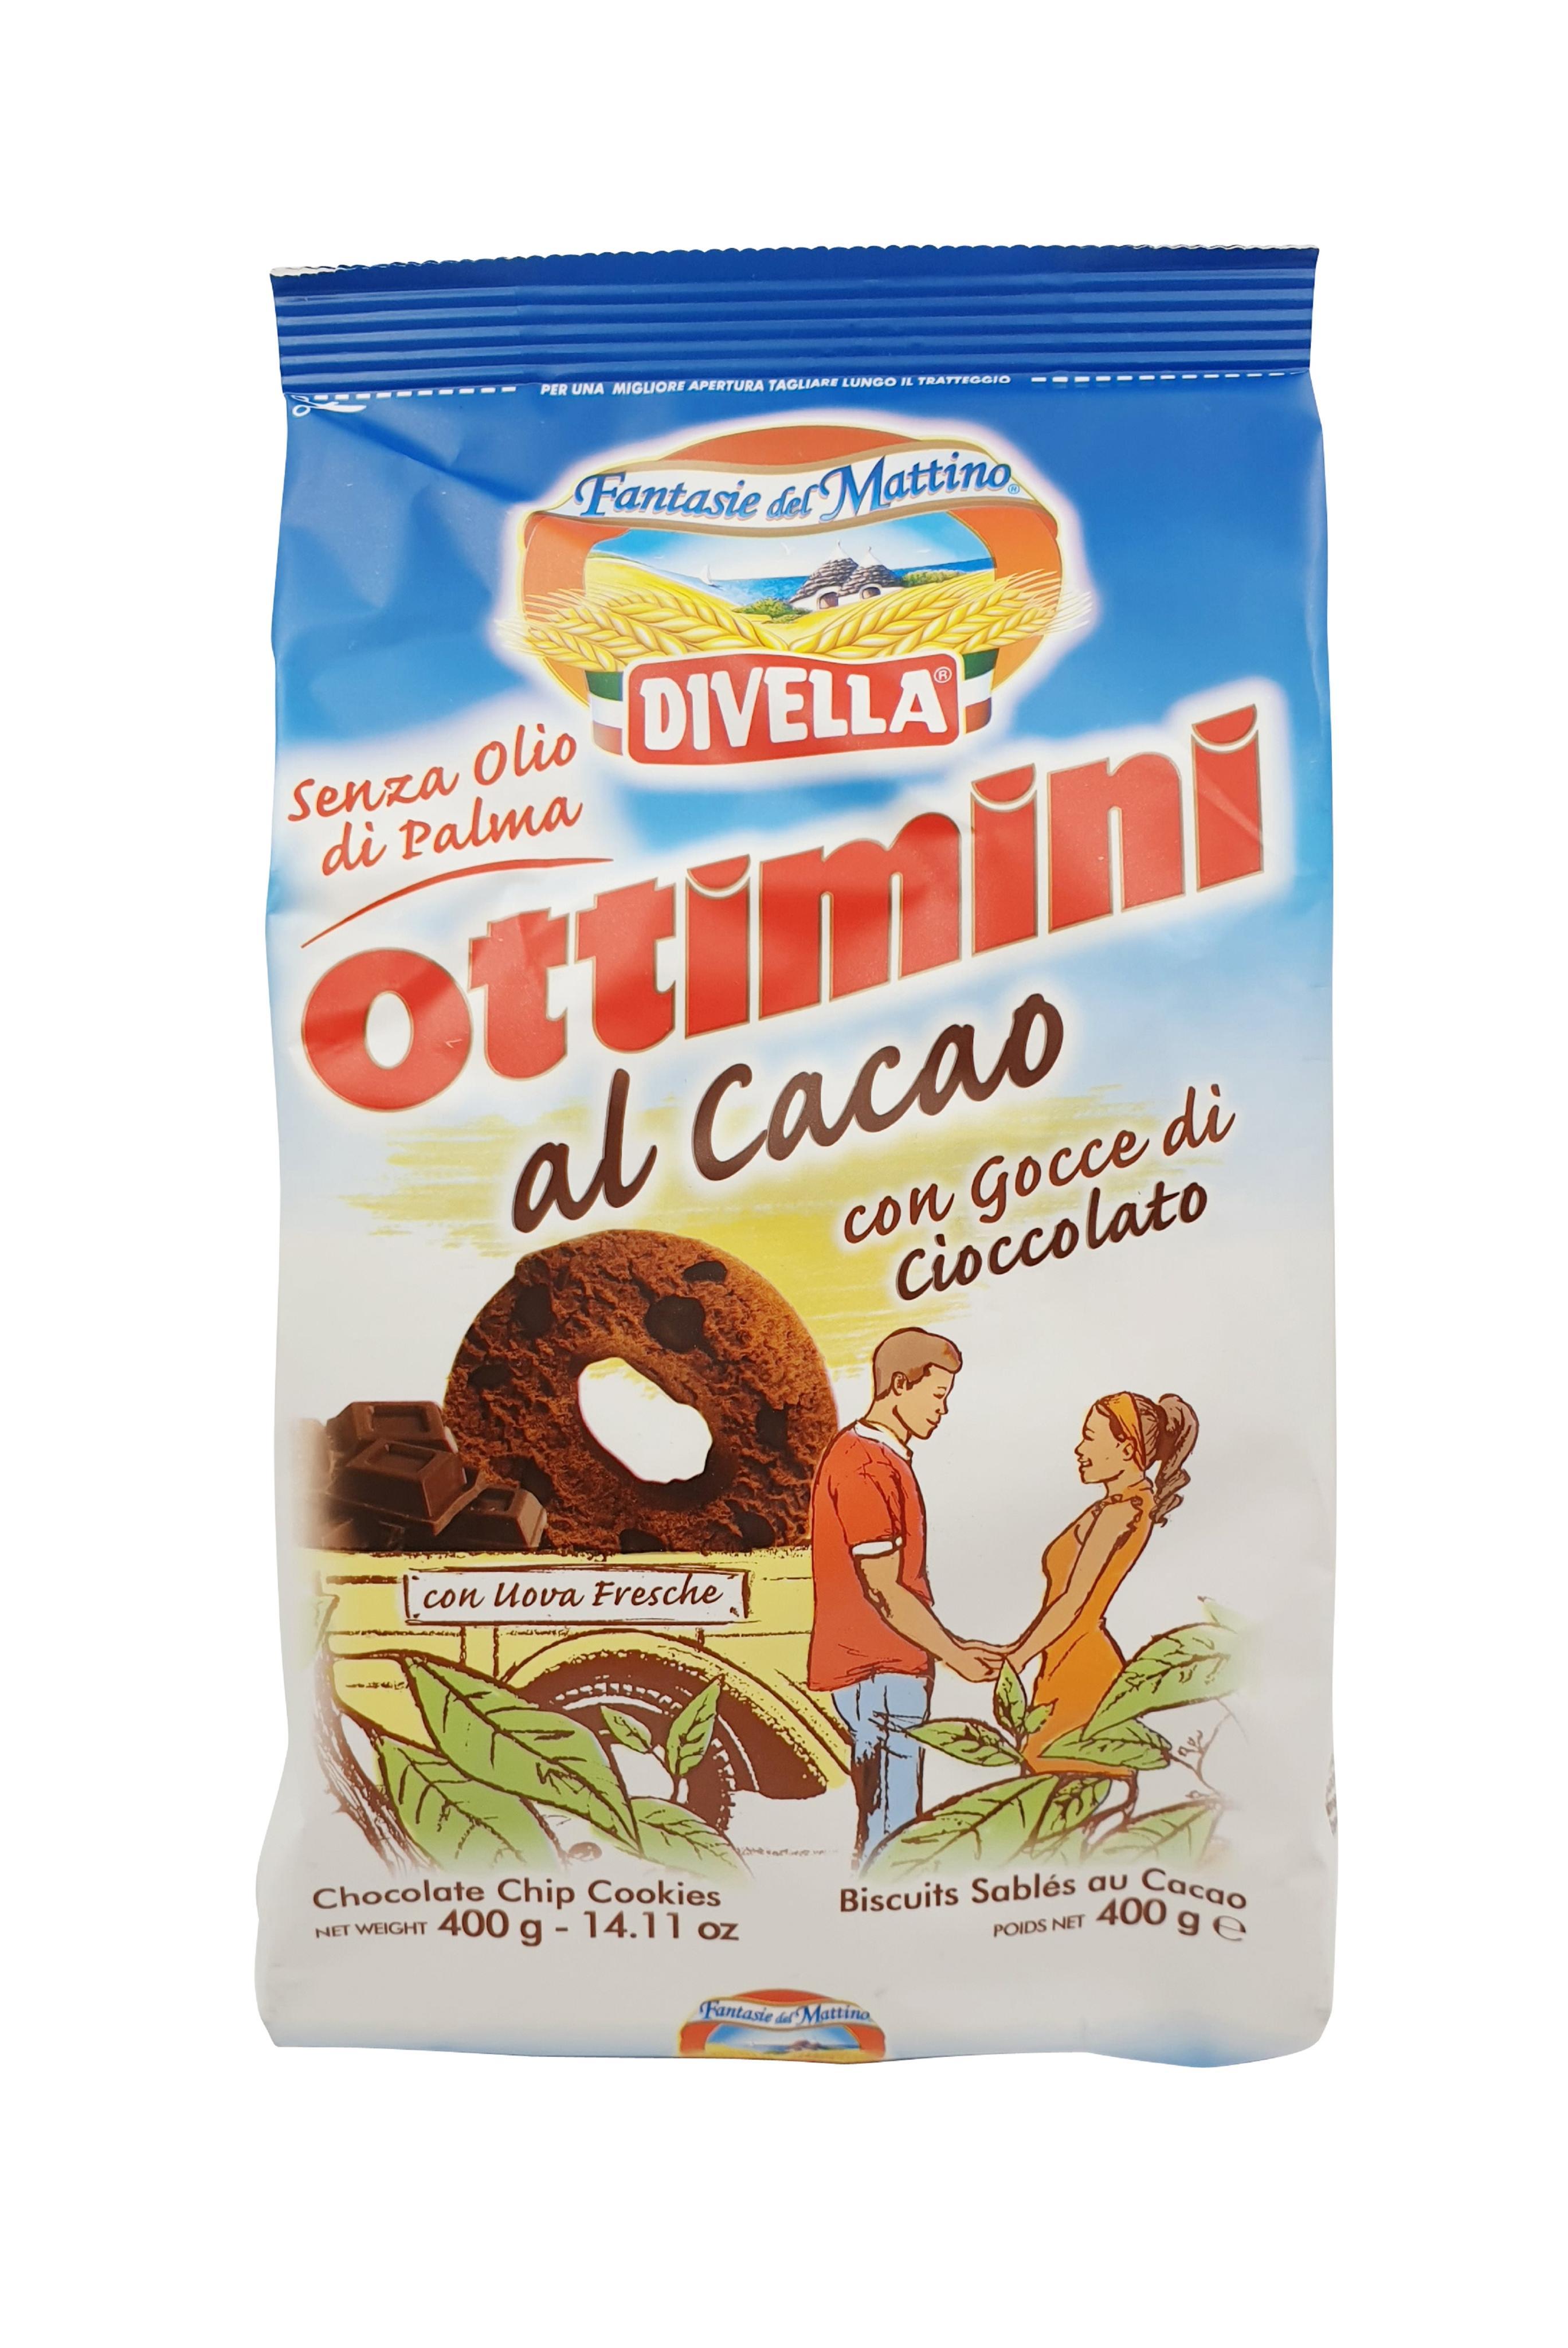 Divella Ottimini Biscotti al Cacao